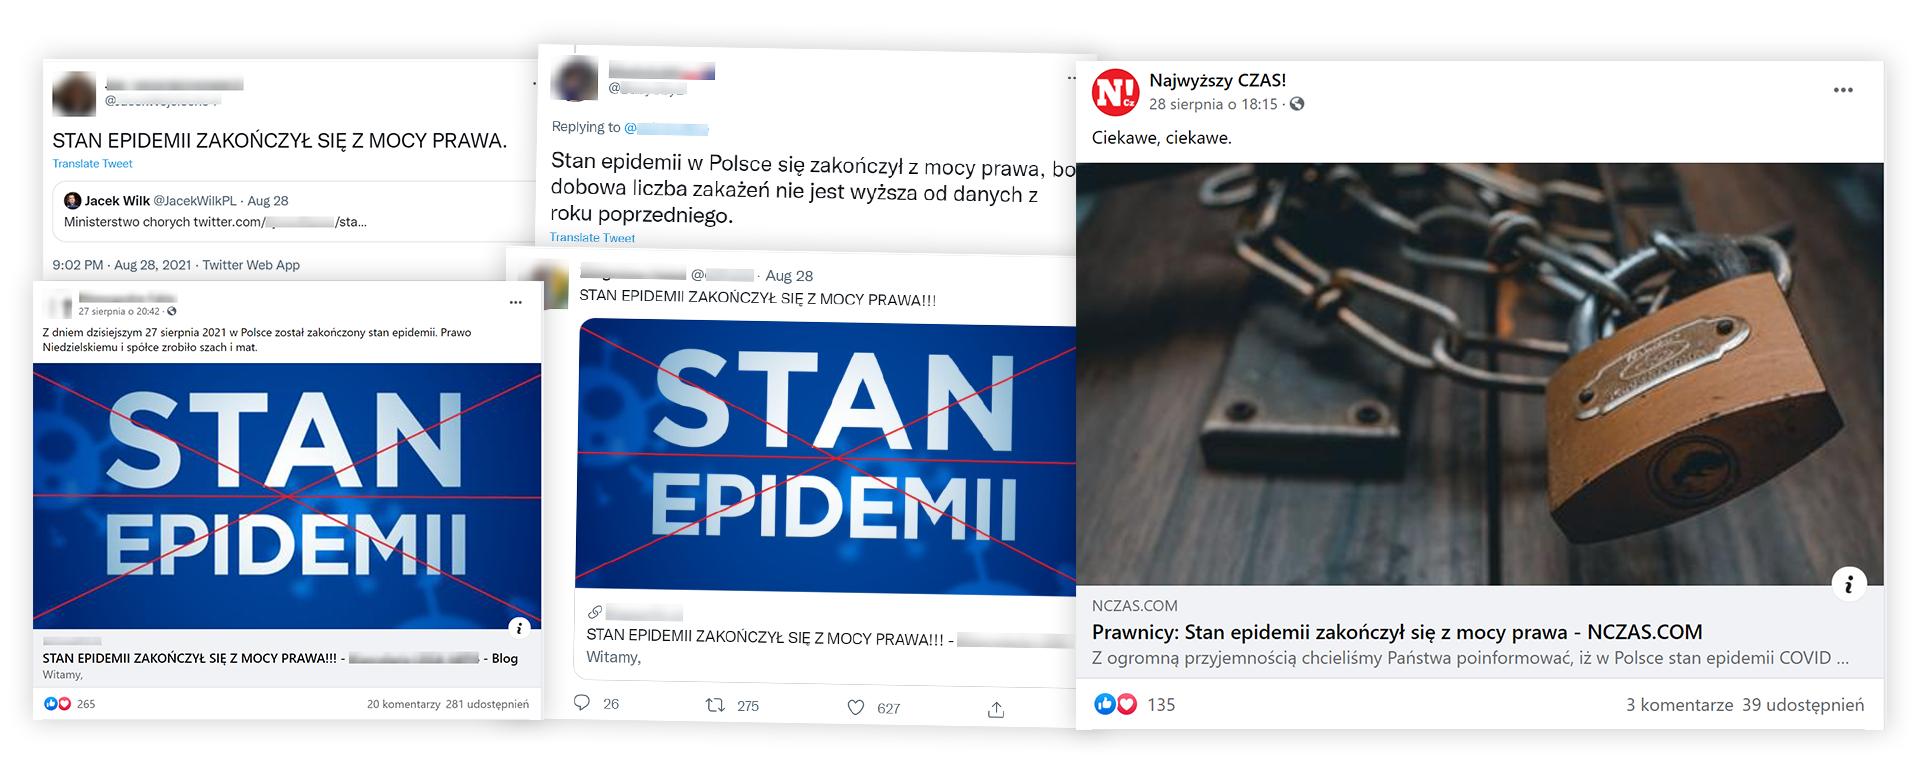 """Twierdzenie o tym, że """"stan epidemii zakończył się z mocy prawa"""" zdobywa popularność wśród internautów"""